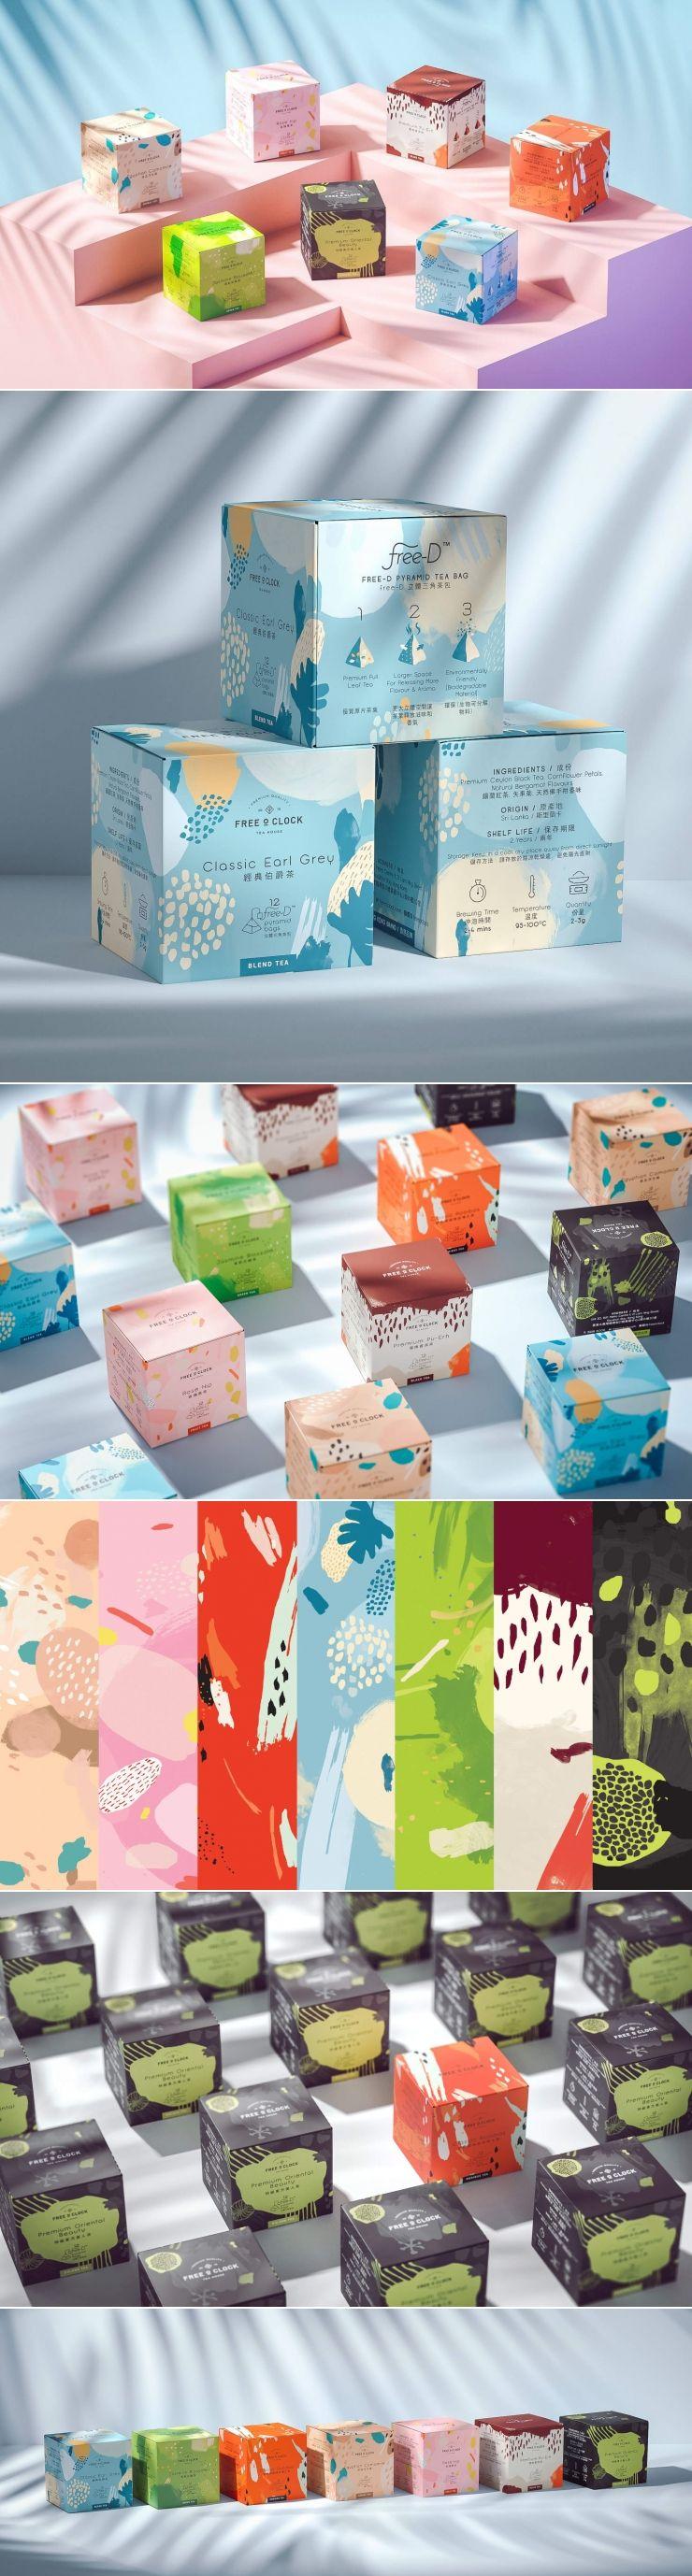 FREEOCLOCK Is a Striking Take on Tea Packaging #teapackaging